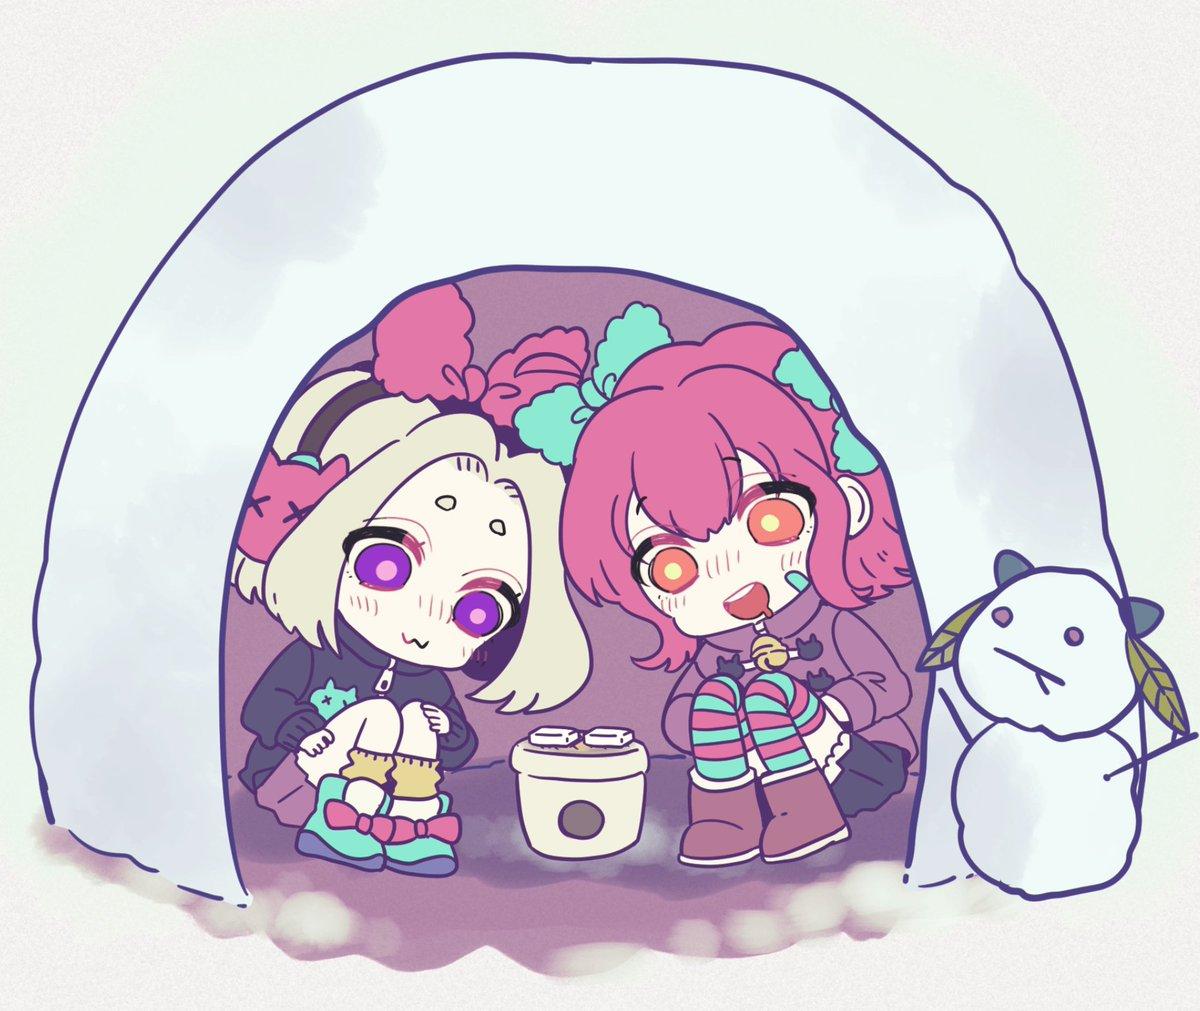 「最近 急に寒くなってきたよね〜🎀」「みんな…風邪ひかないように気をつけてね!😸」#絶望プリズン #手前の雪だるまはヒョウ柄のあの子